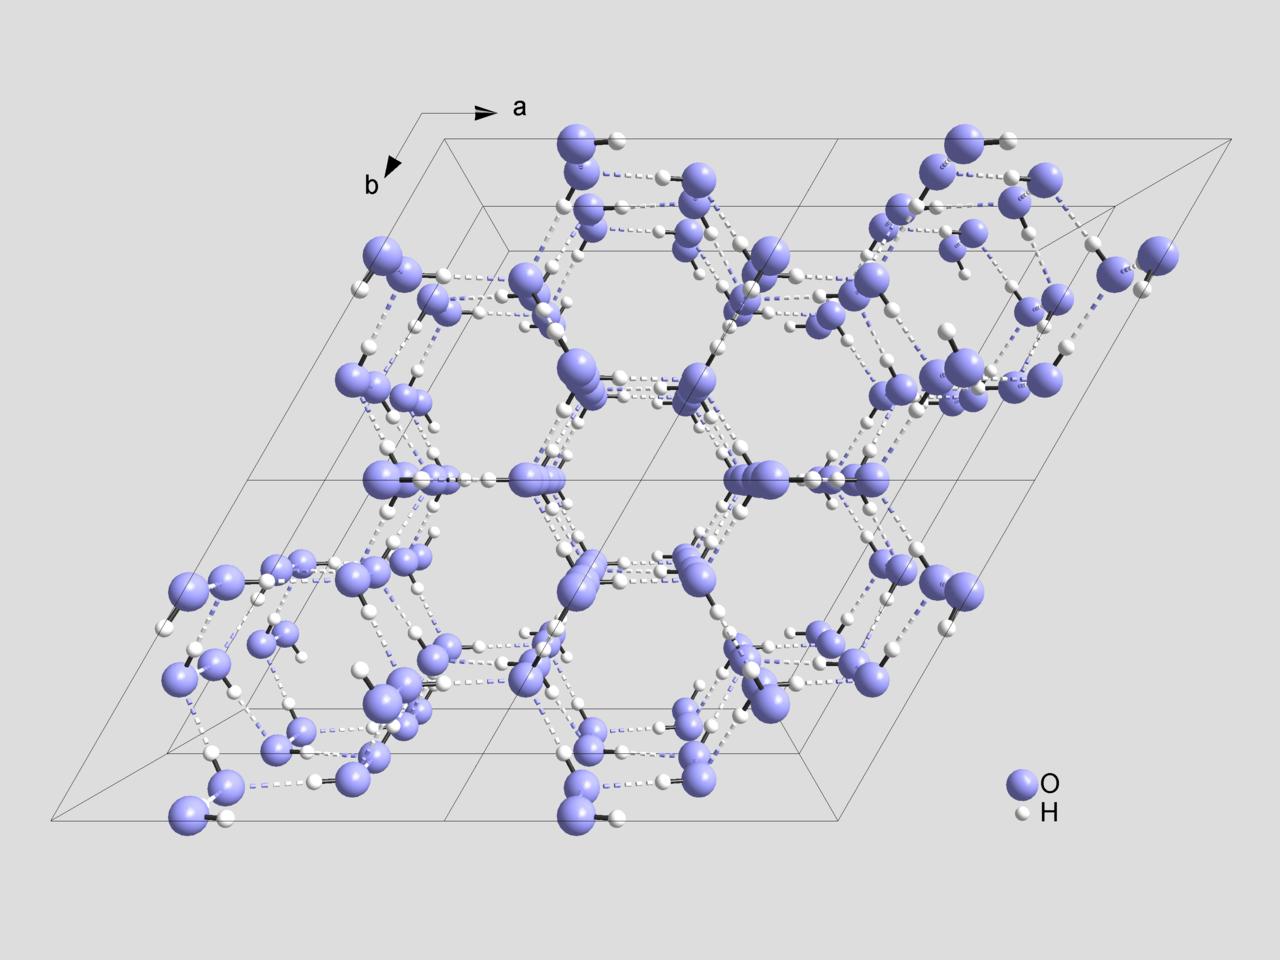 cristal de hielo en la atmósfera nanotecnología